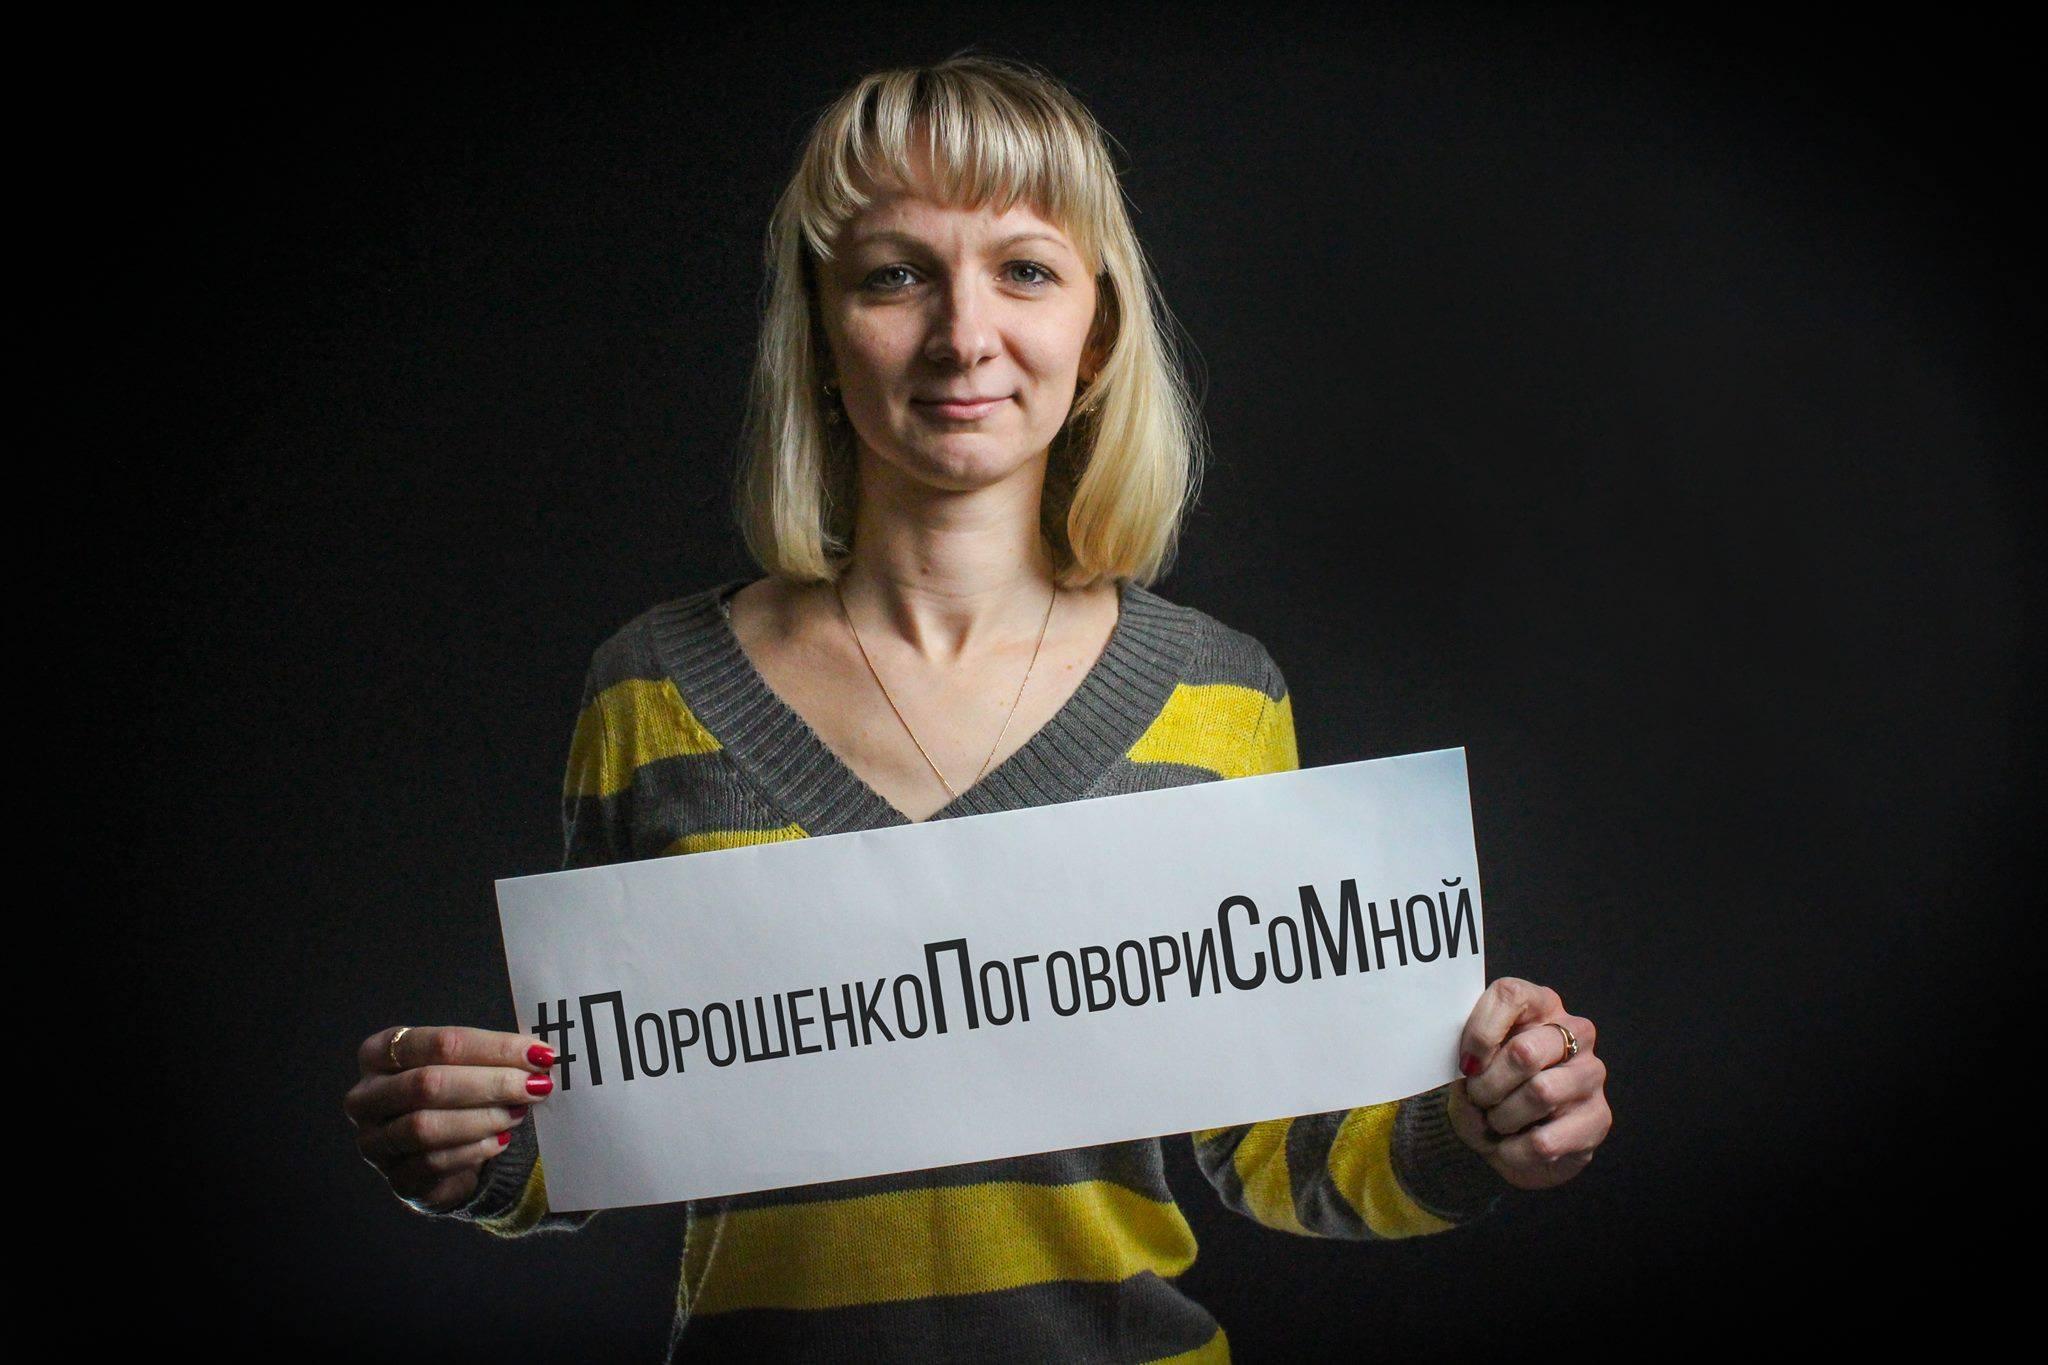 Українські журналісти у Facebook вимагають від Порошенка прес-конференцію